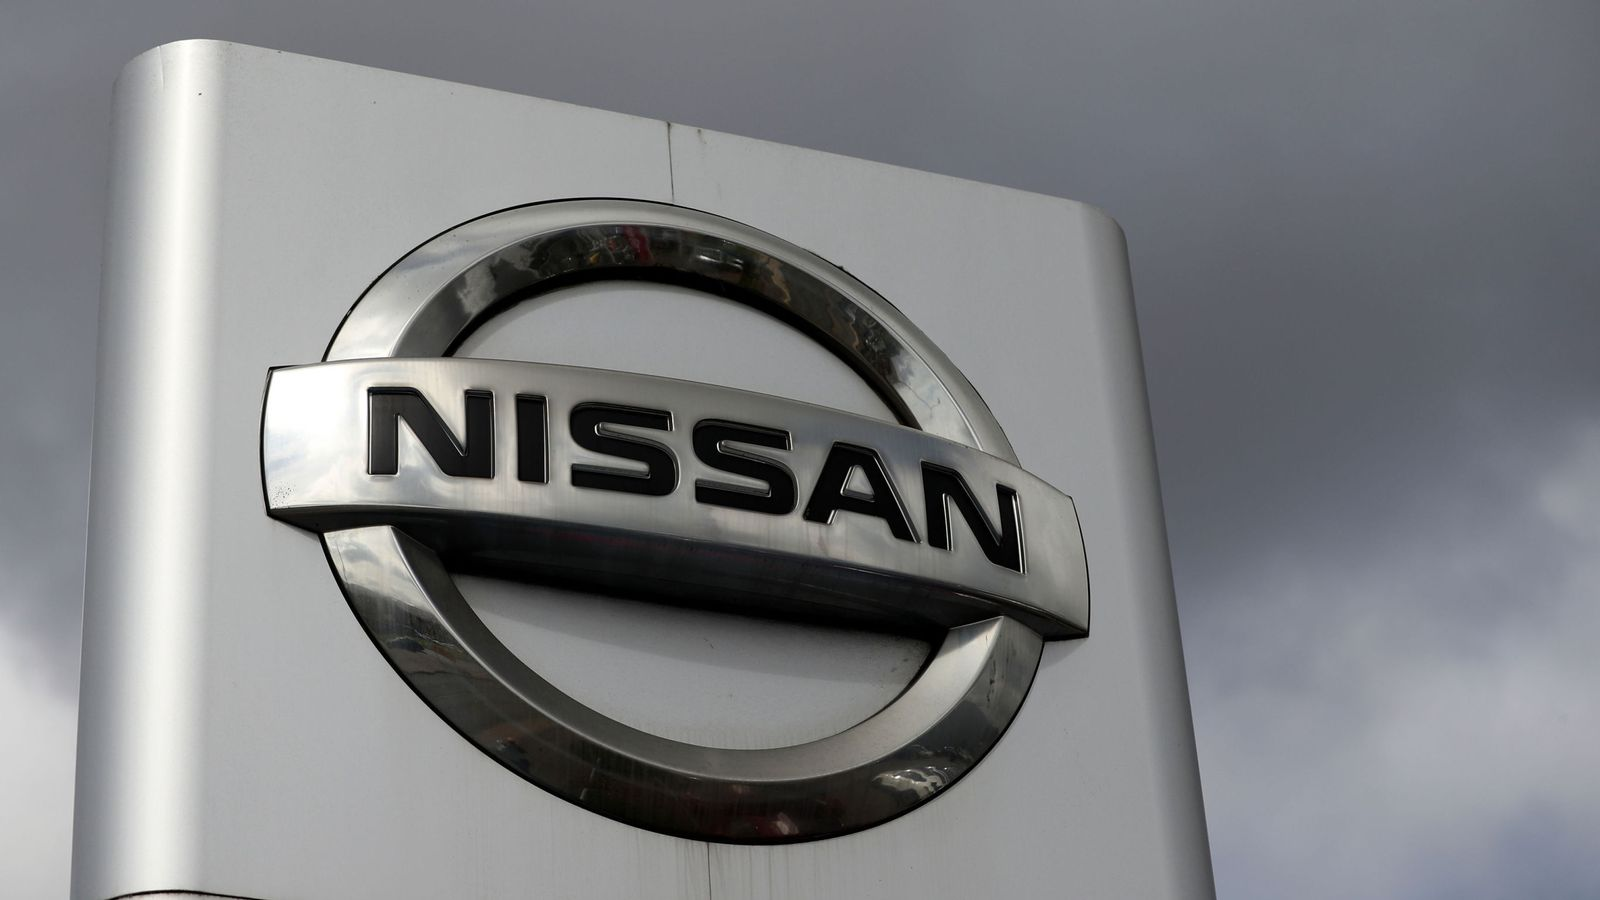 Nissan admits emissions data falsified